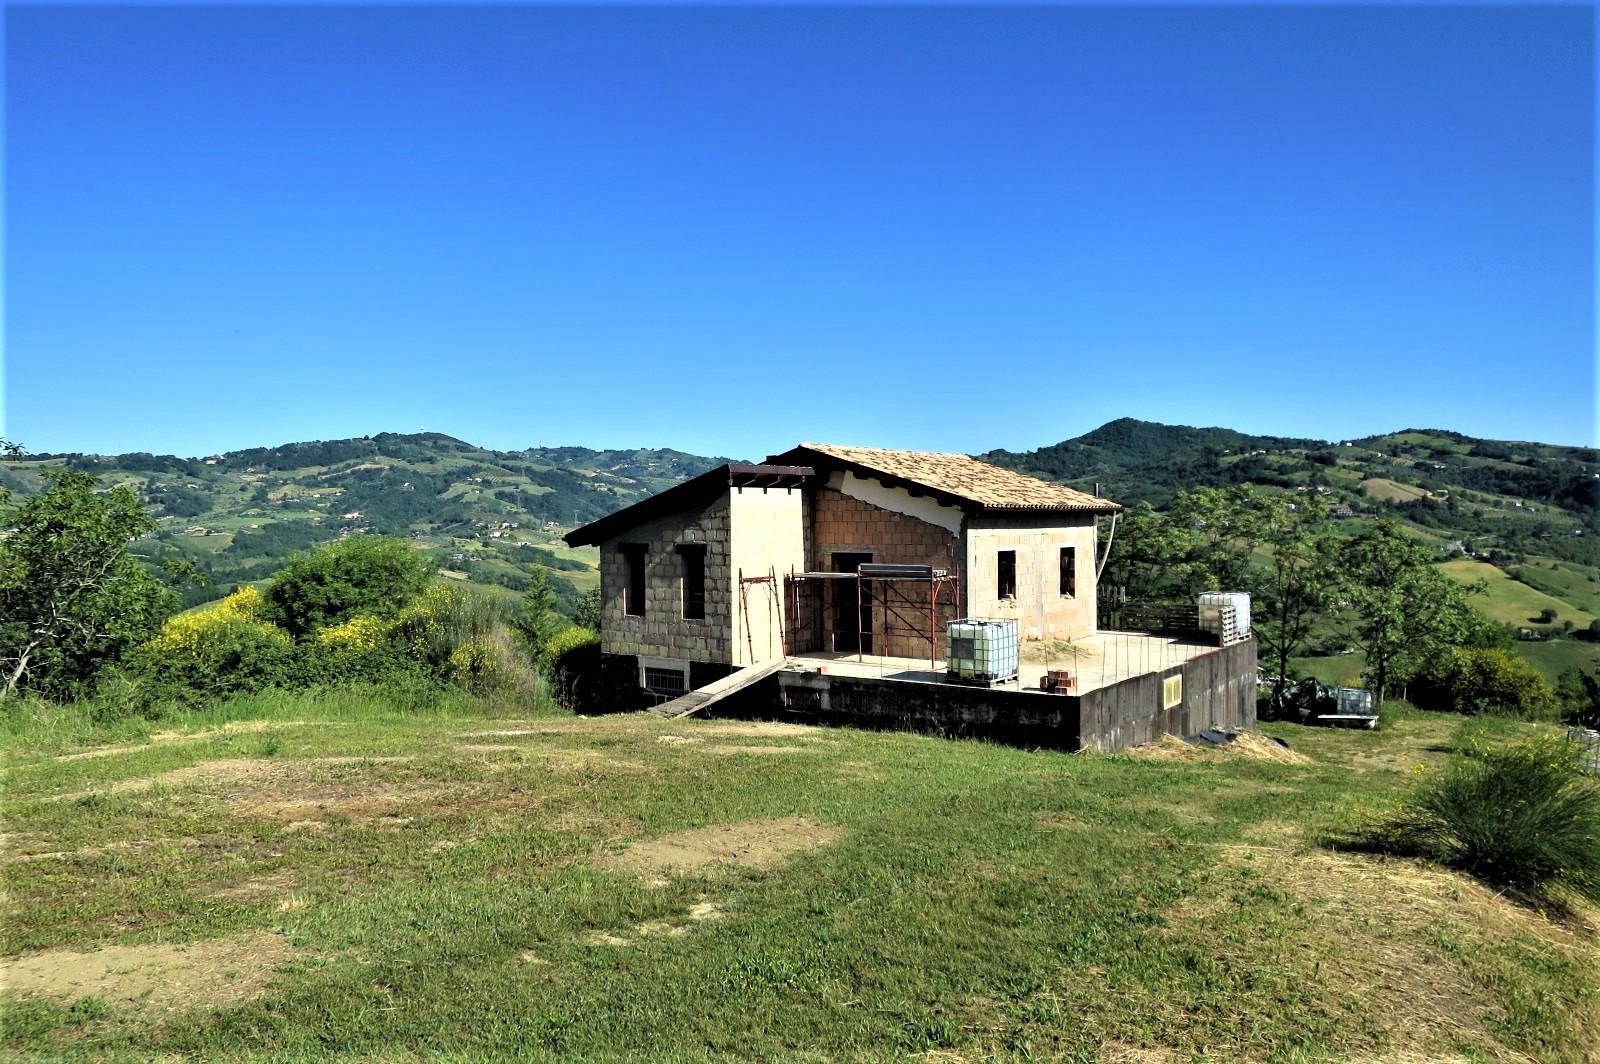 Country Houses Country Houses for sale Castiglione Messer Raimondo (TE), Casa Paradiso - Castiglione Messer Raimondo - EUR 181.096 410